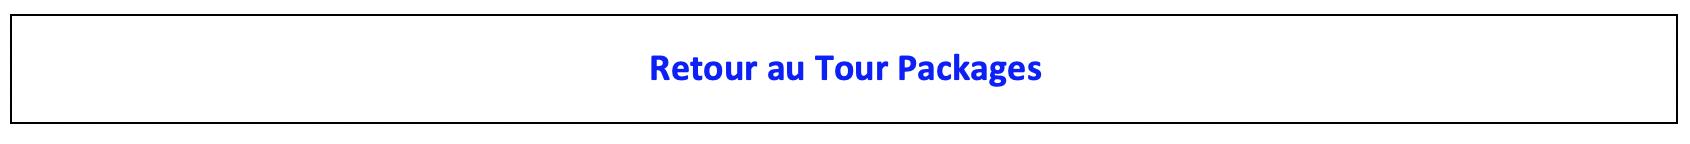 Enjoy Tours Limited Retour au Tour Packages